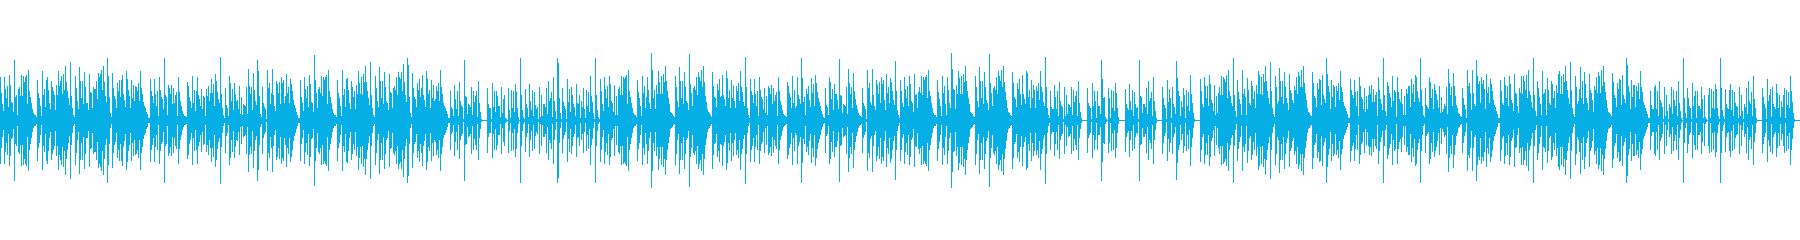 和風な琴のこども向け知育BGM_Bの再生済みの波形